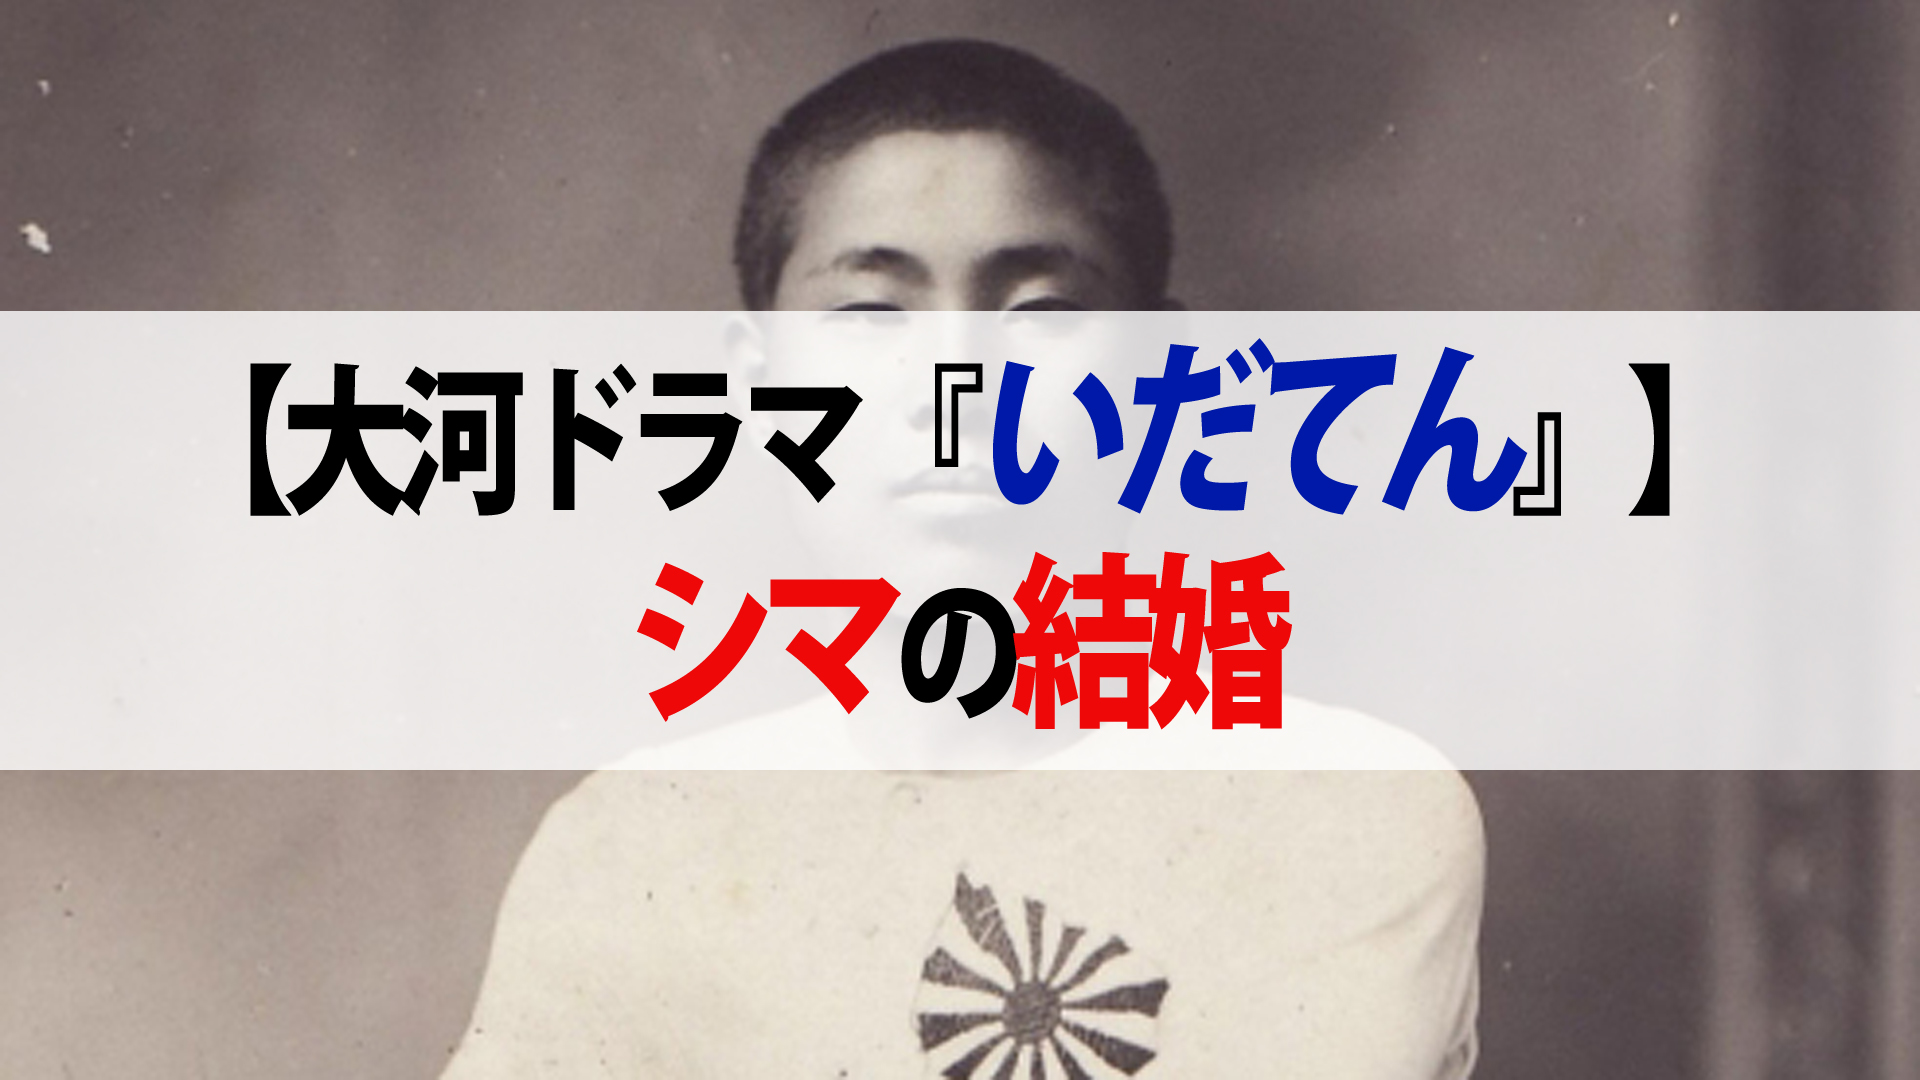 【いだてん『櫻の園』】『シマの結婚』『シャンナイガールズ登場』『美川フラれる』第21回への反響まとめ